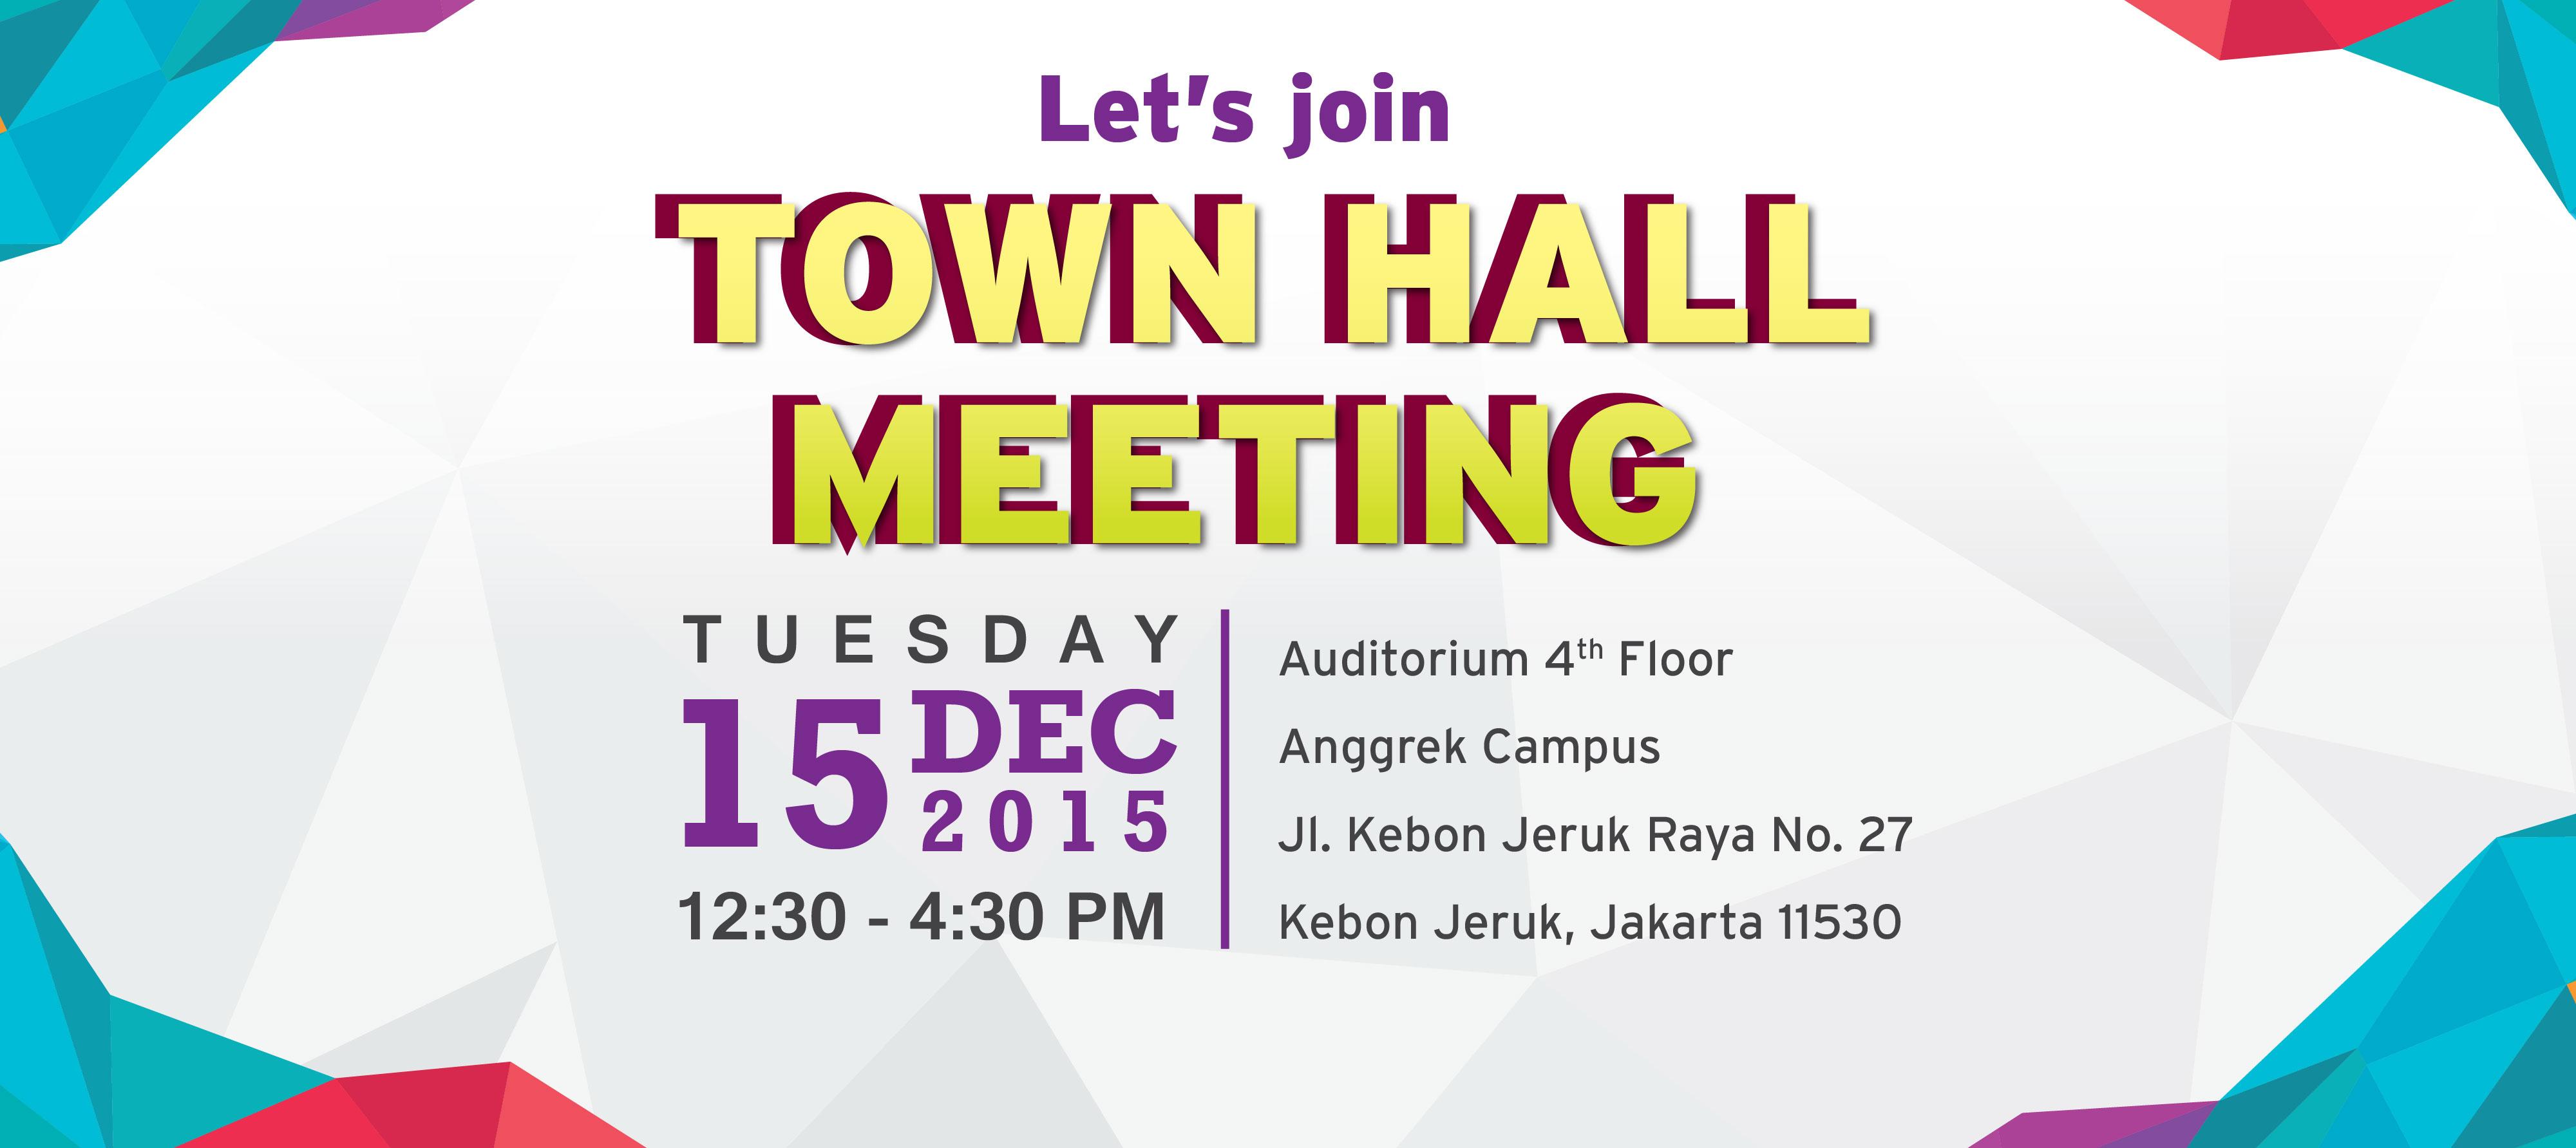 Town Hall Meeting Bina Nusantara Group